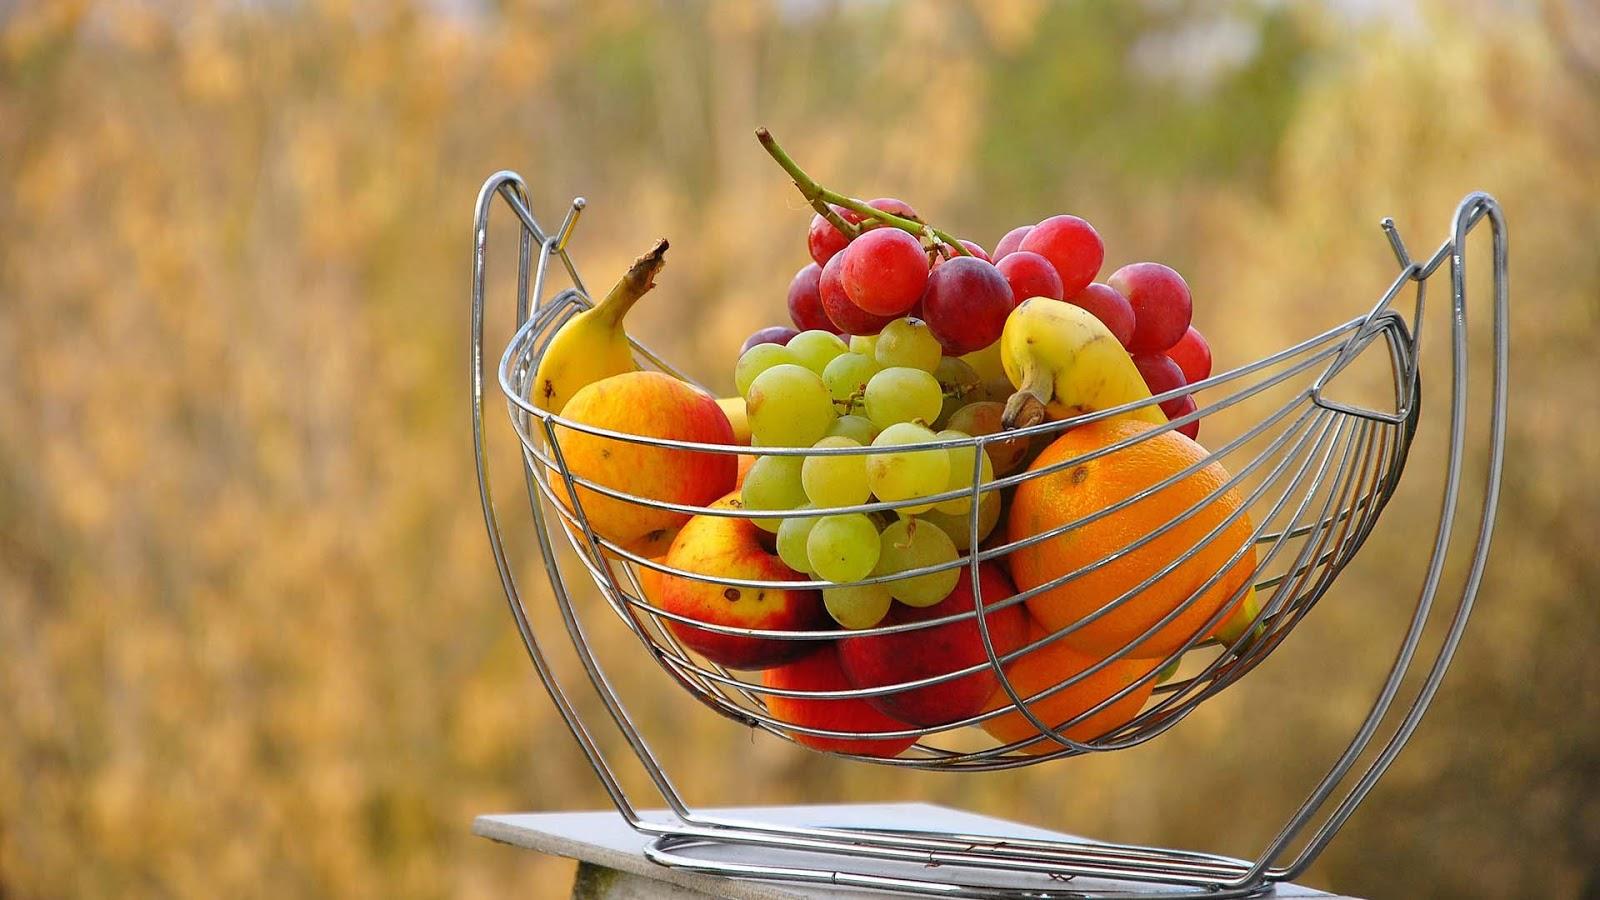 Fruits Wallpaper Hd 1080p Wallpaper Download